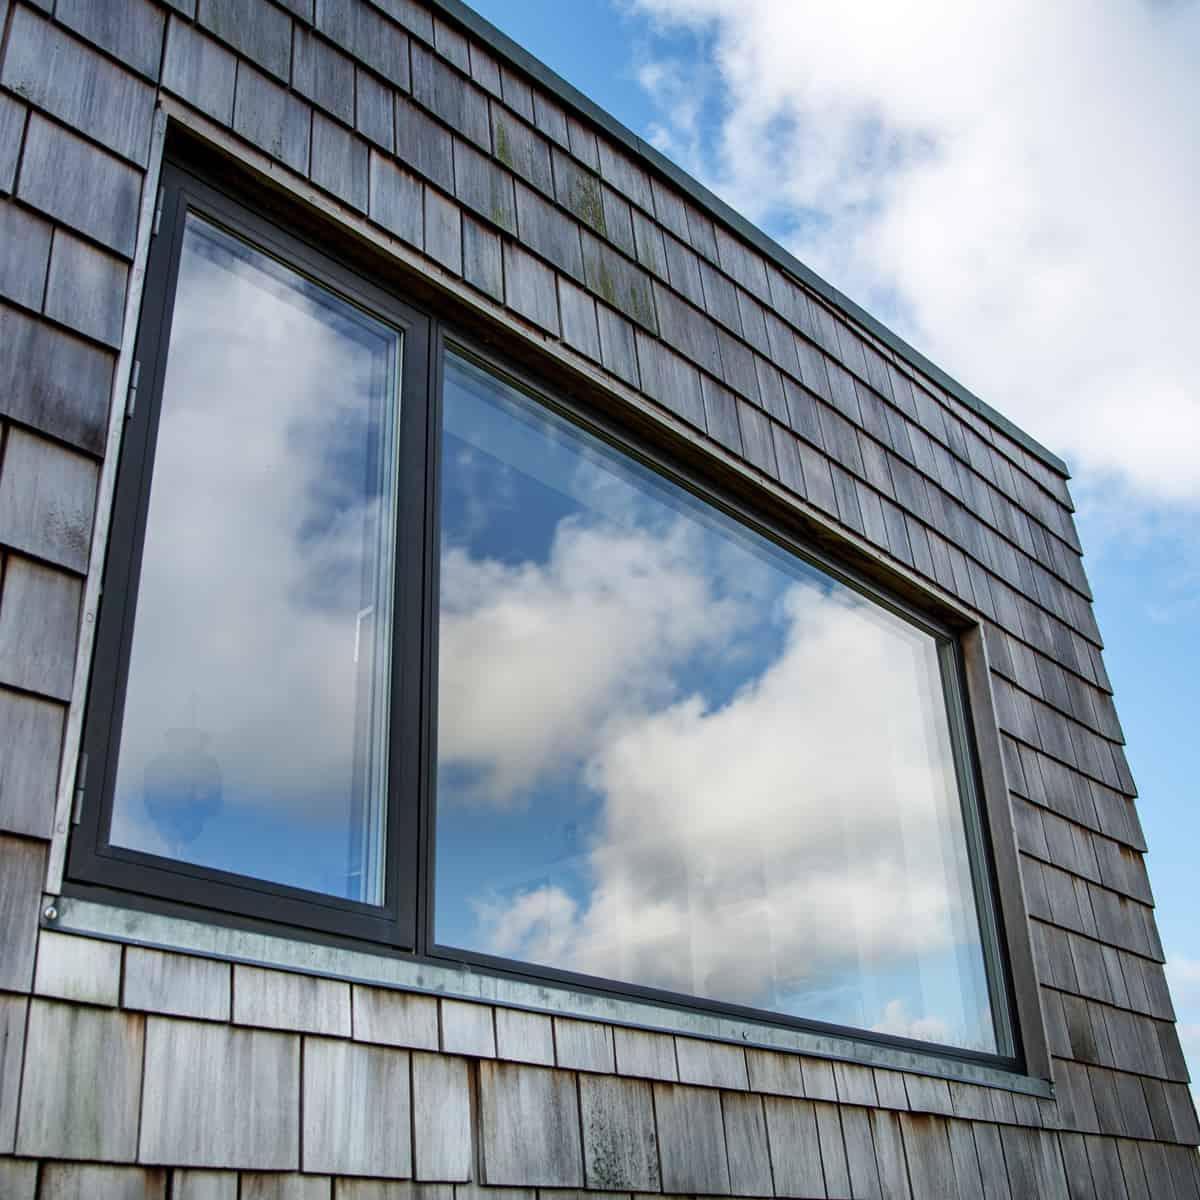 kombination af fastkarmsvindue og andre vinduestyper